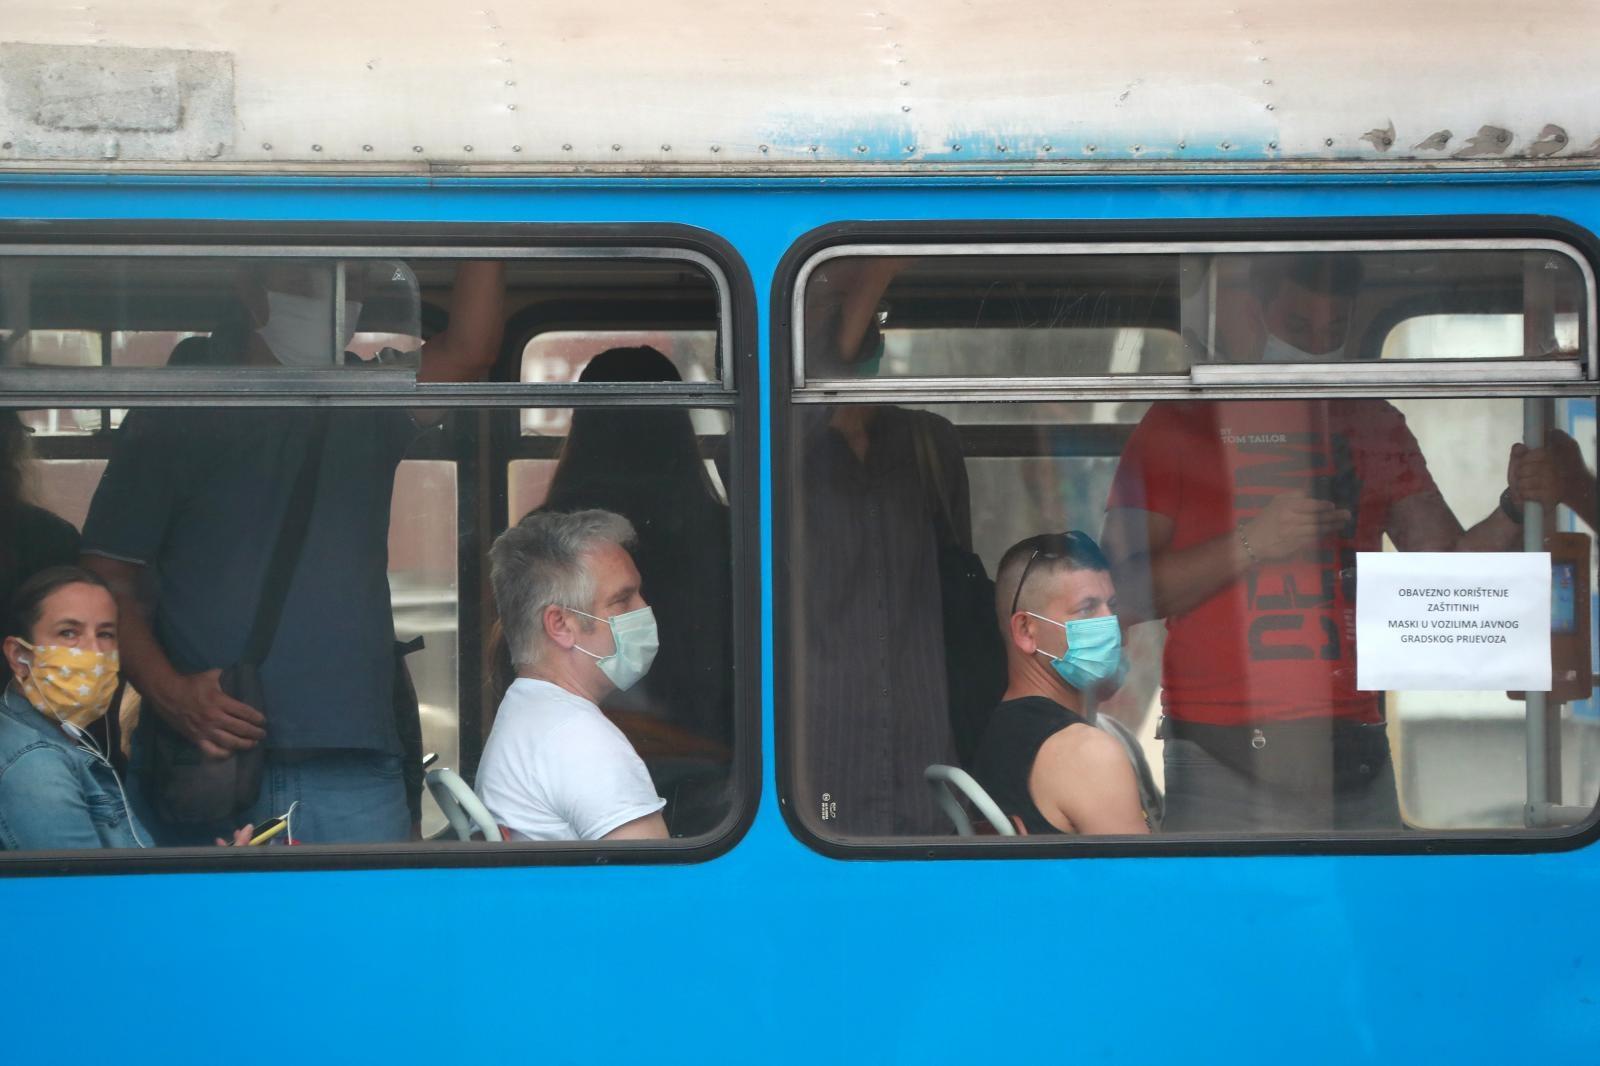 Iz stožera su pojasIz stožera su građanima također preporučili da krenu na vlak ili autobus 15 ili 20 minuta ranije, kako bi izbjegli gužve.nili kako se mogu koristiti i platnene maske, a ne samo medicinske.